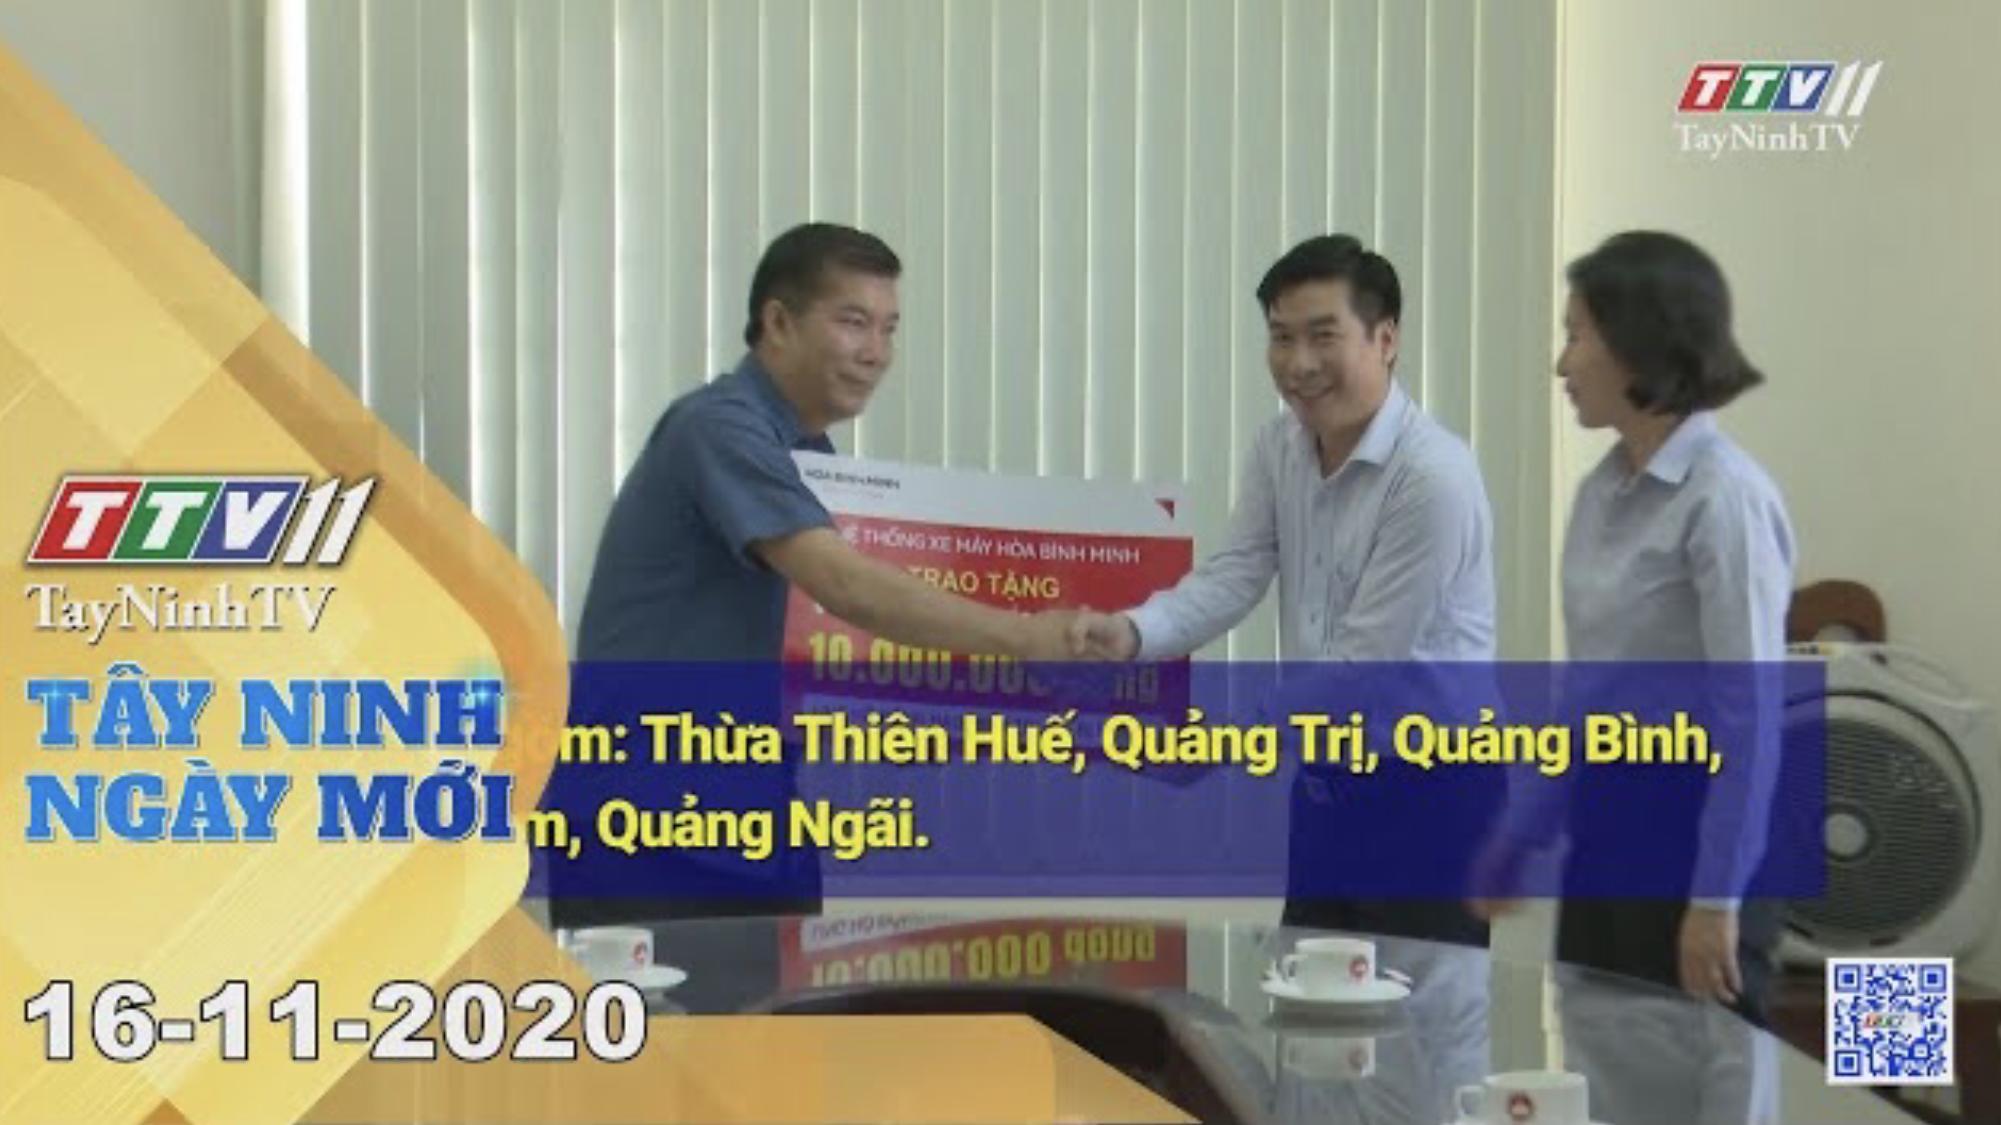 Tây Ninh Ngày Mới 16-11-2020 | Tin tức hôm nay | TayNinhTV